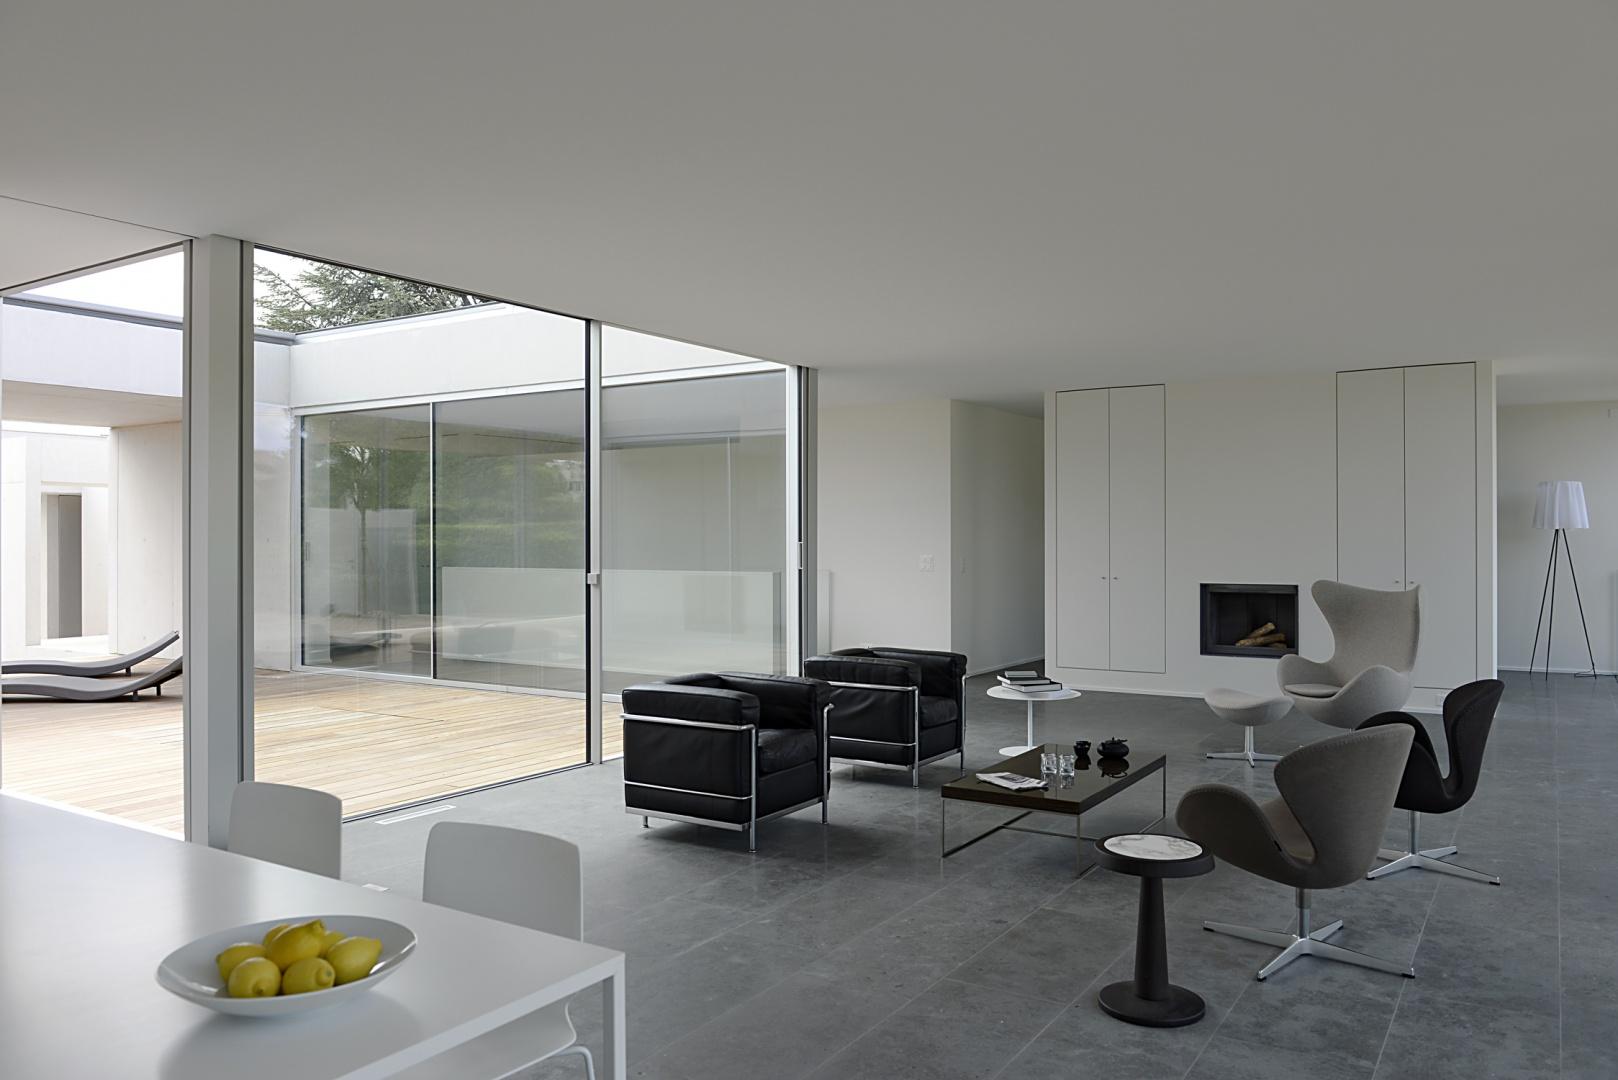 Wohnzimmer © Leo Fabrizio, Lausanne